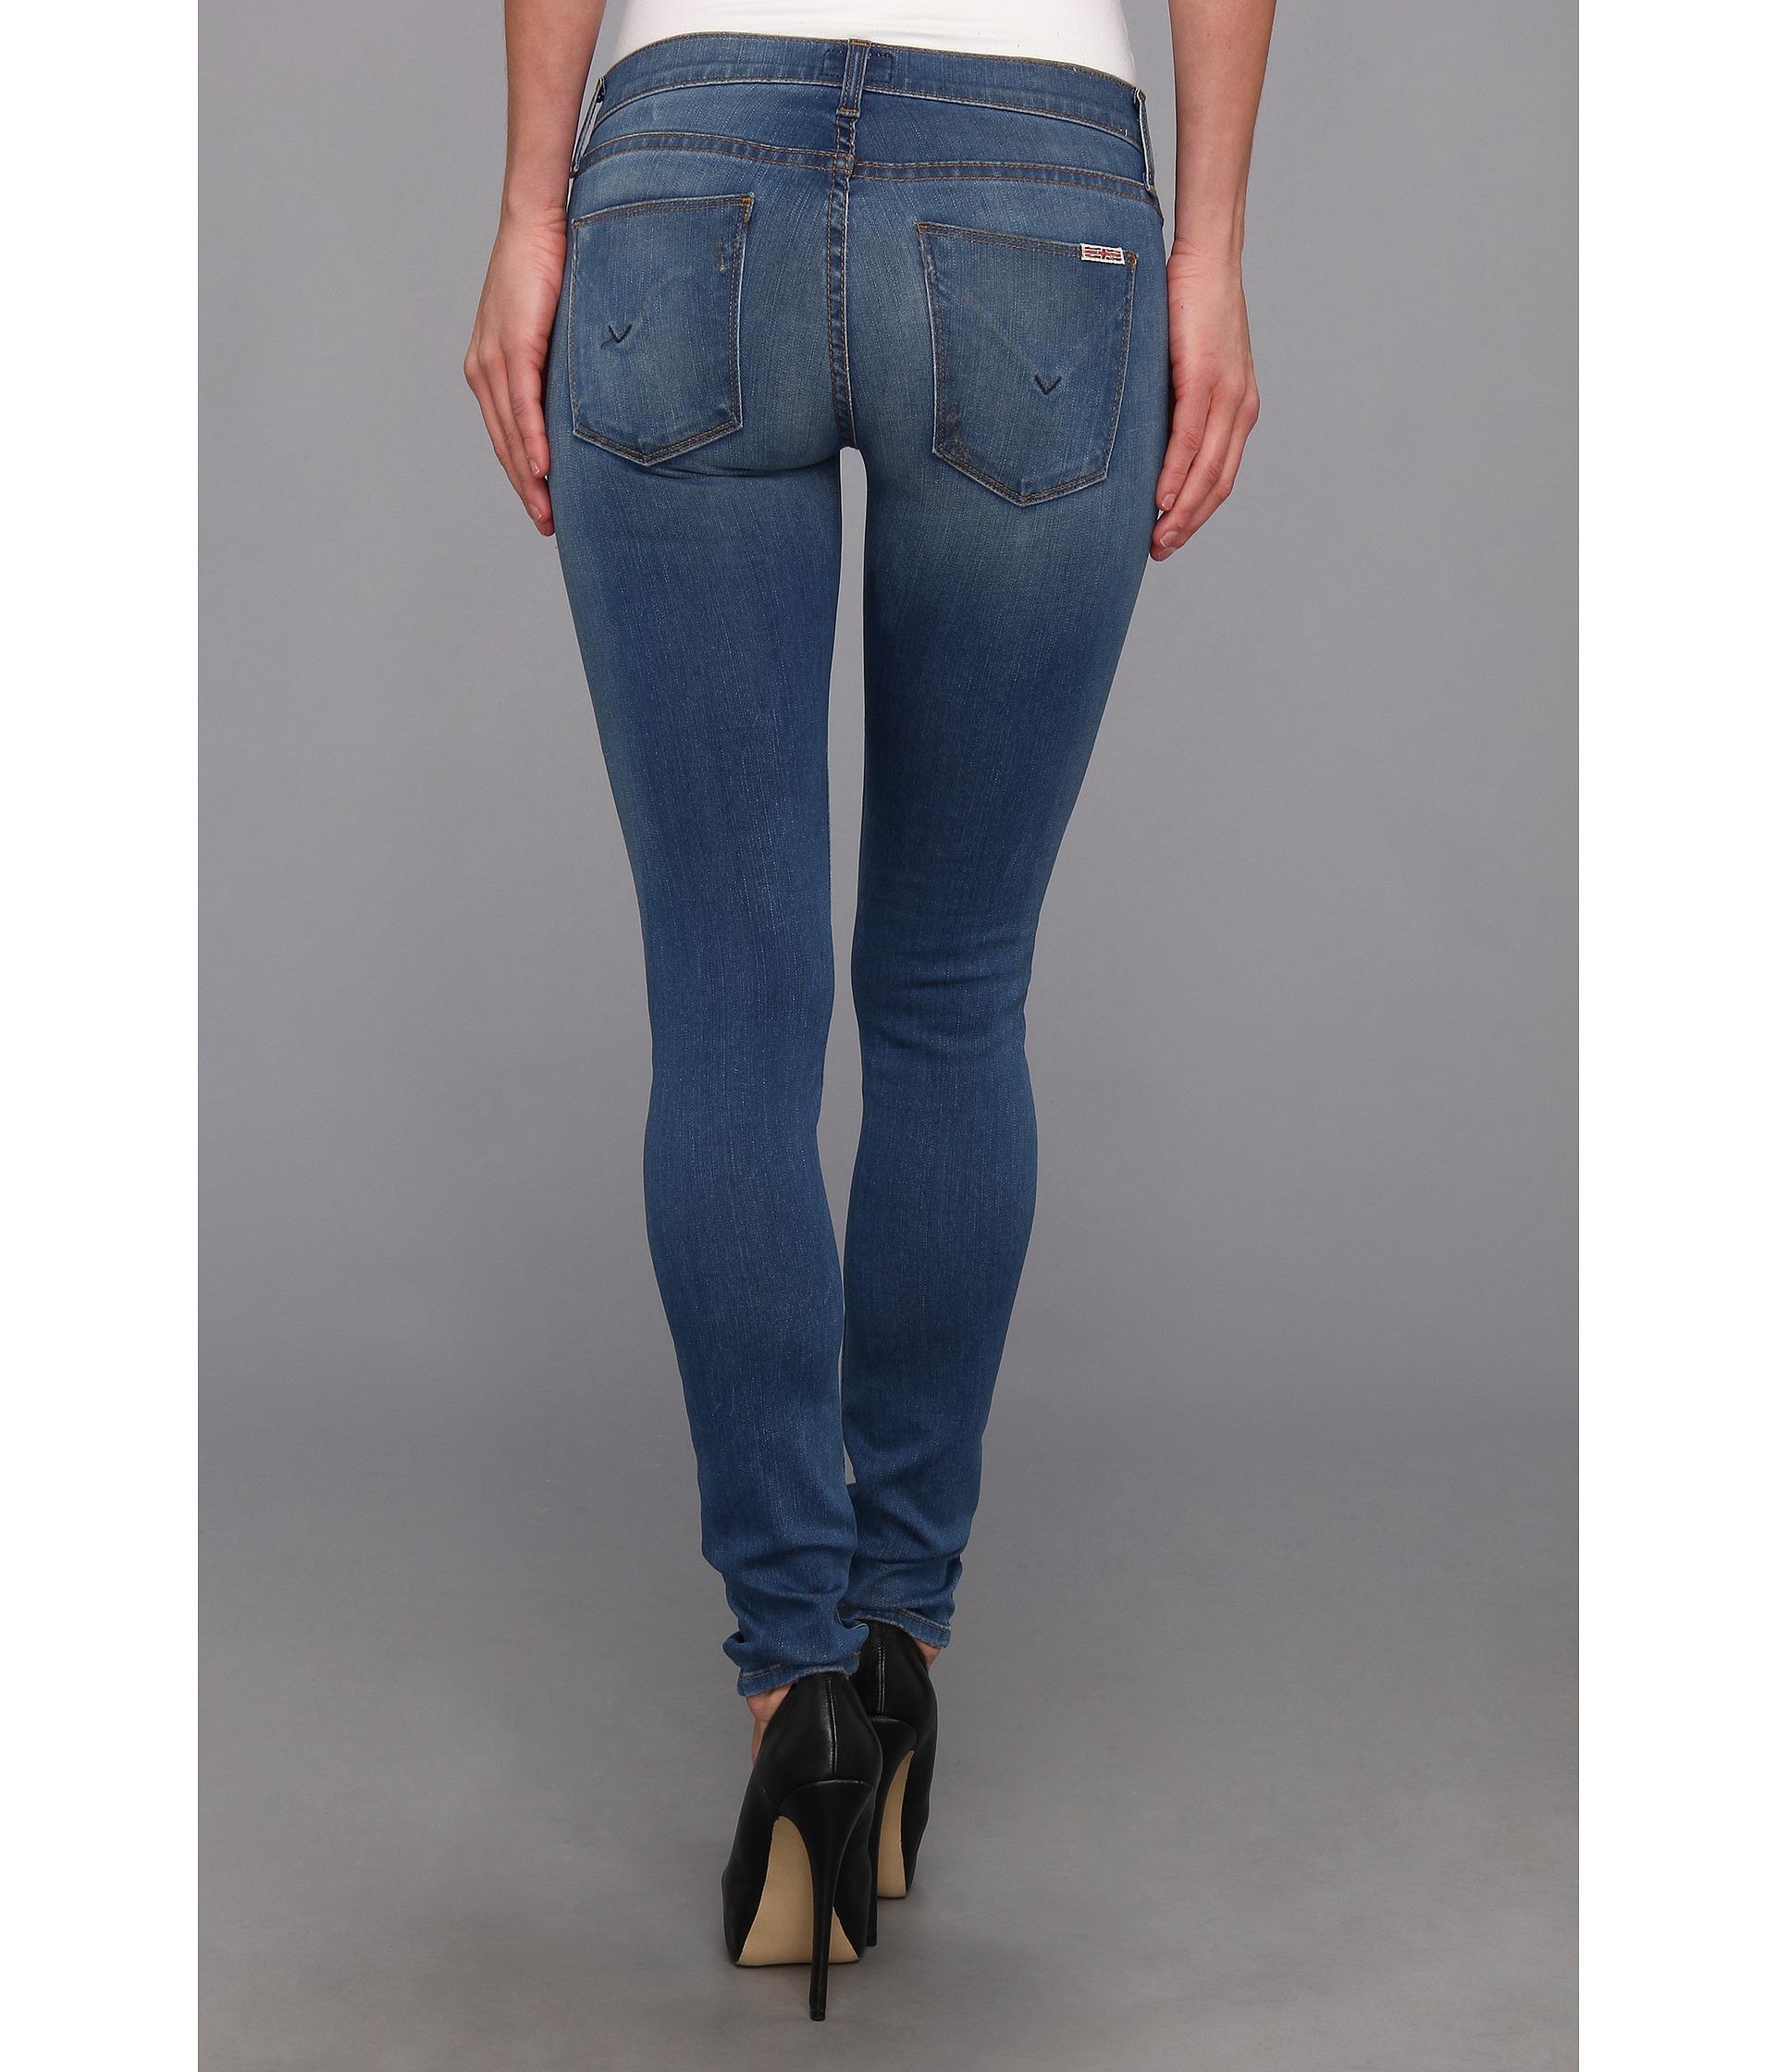 e41a70b6 Hudson Jeans Krista Super Skinny in Foxey in Blue - Lyst